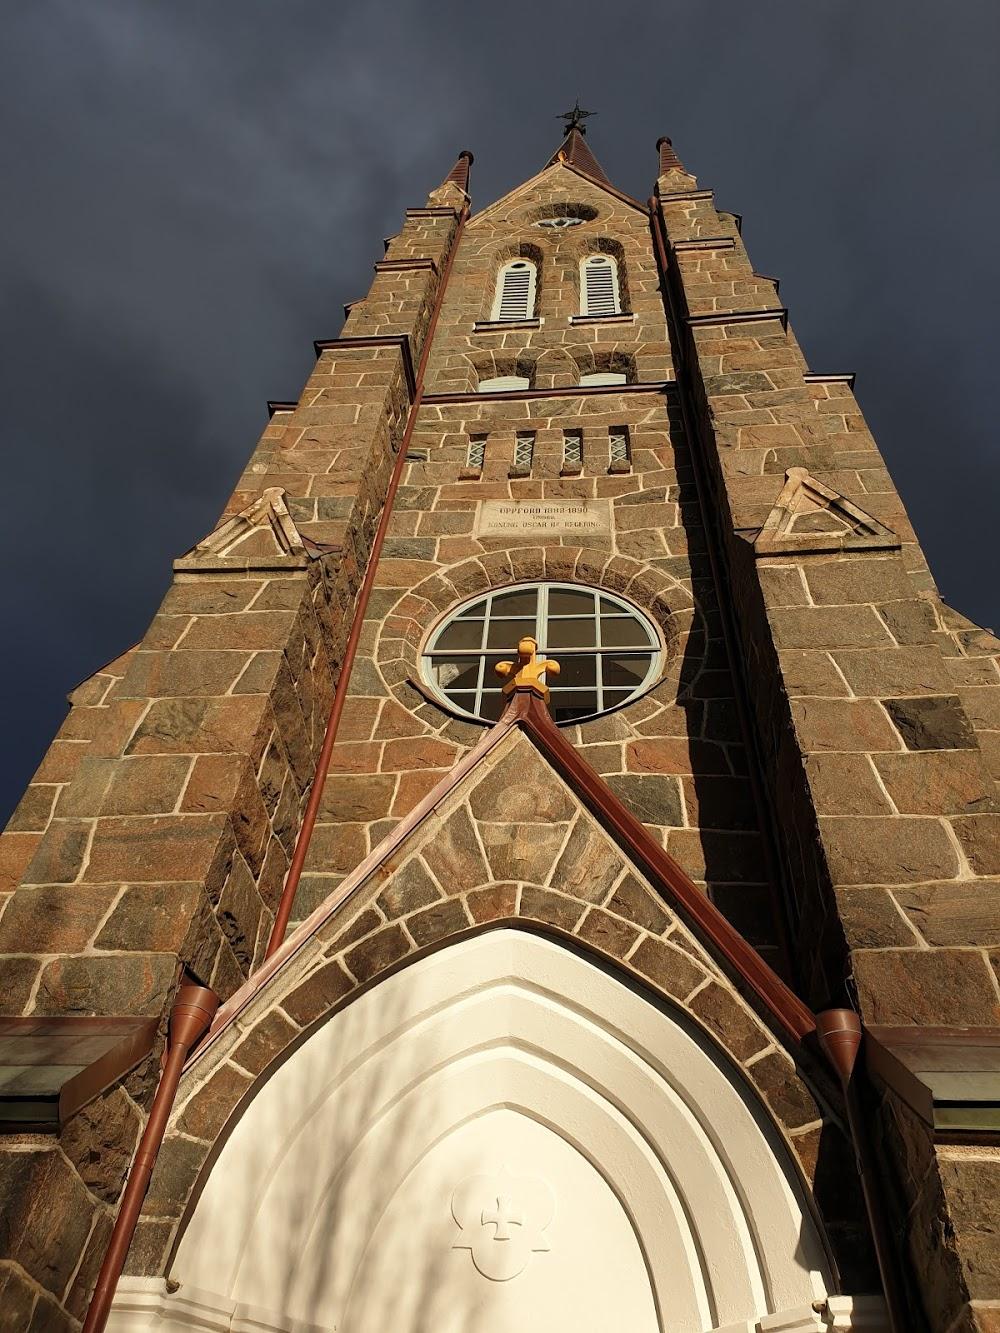 Årstads kyrka